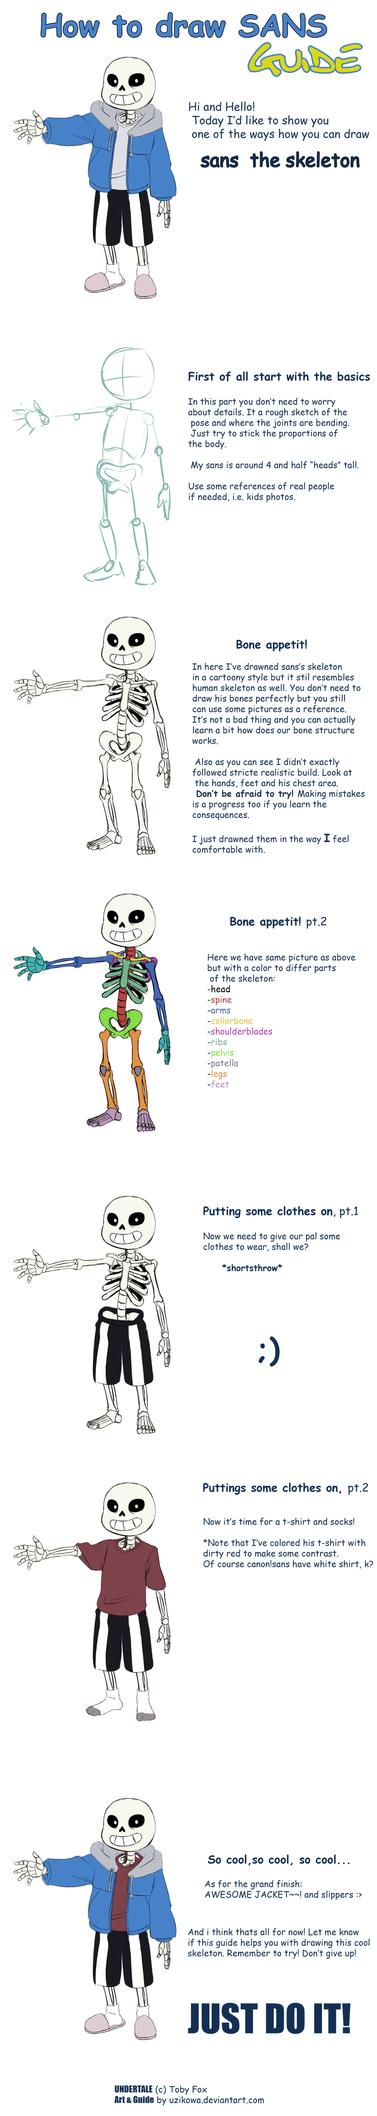 Undertale - How To Draw Sans - Guide by uzikowa